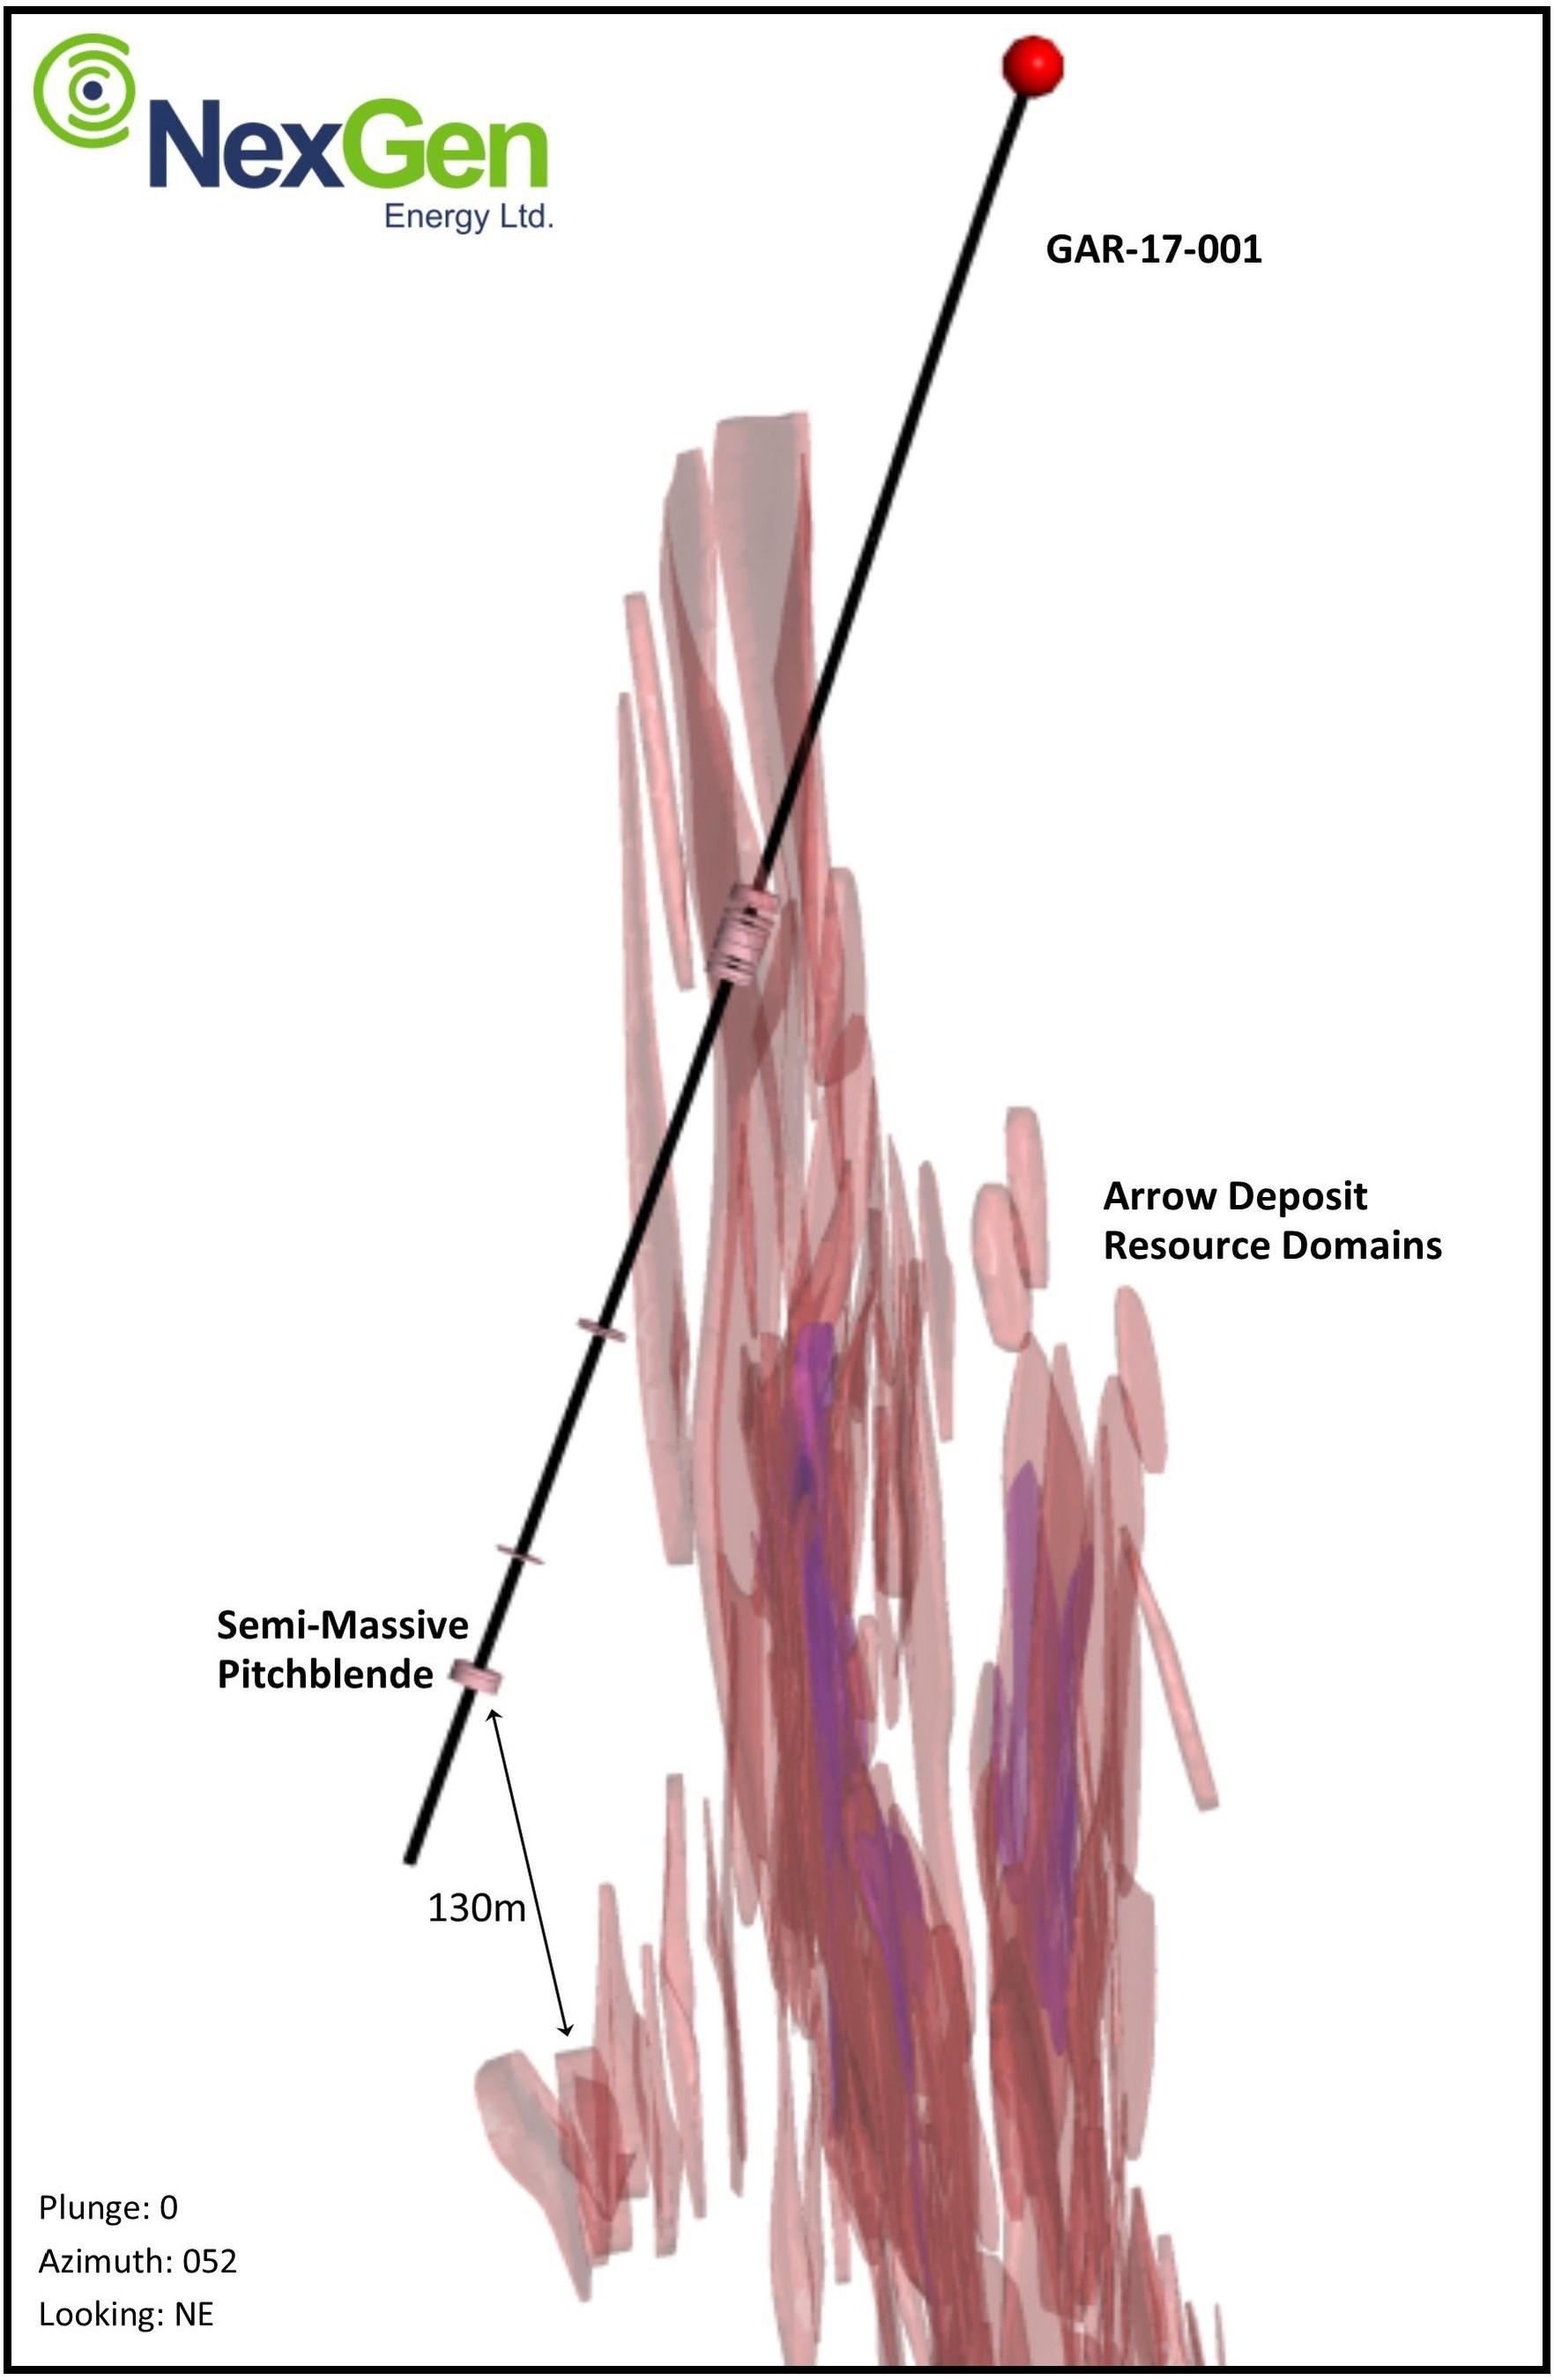 Figure 3: Cross Section View of GAR-17-001 (CNW Group/NexGen Energy Ltd.)